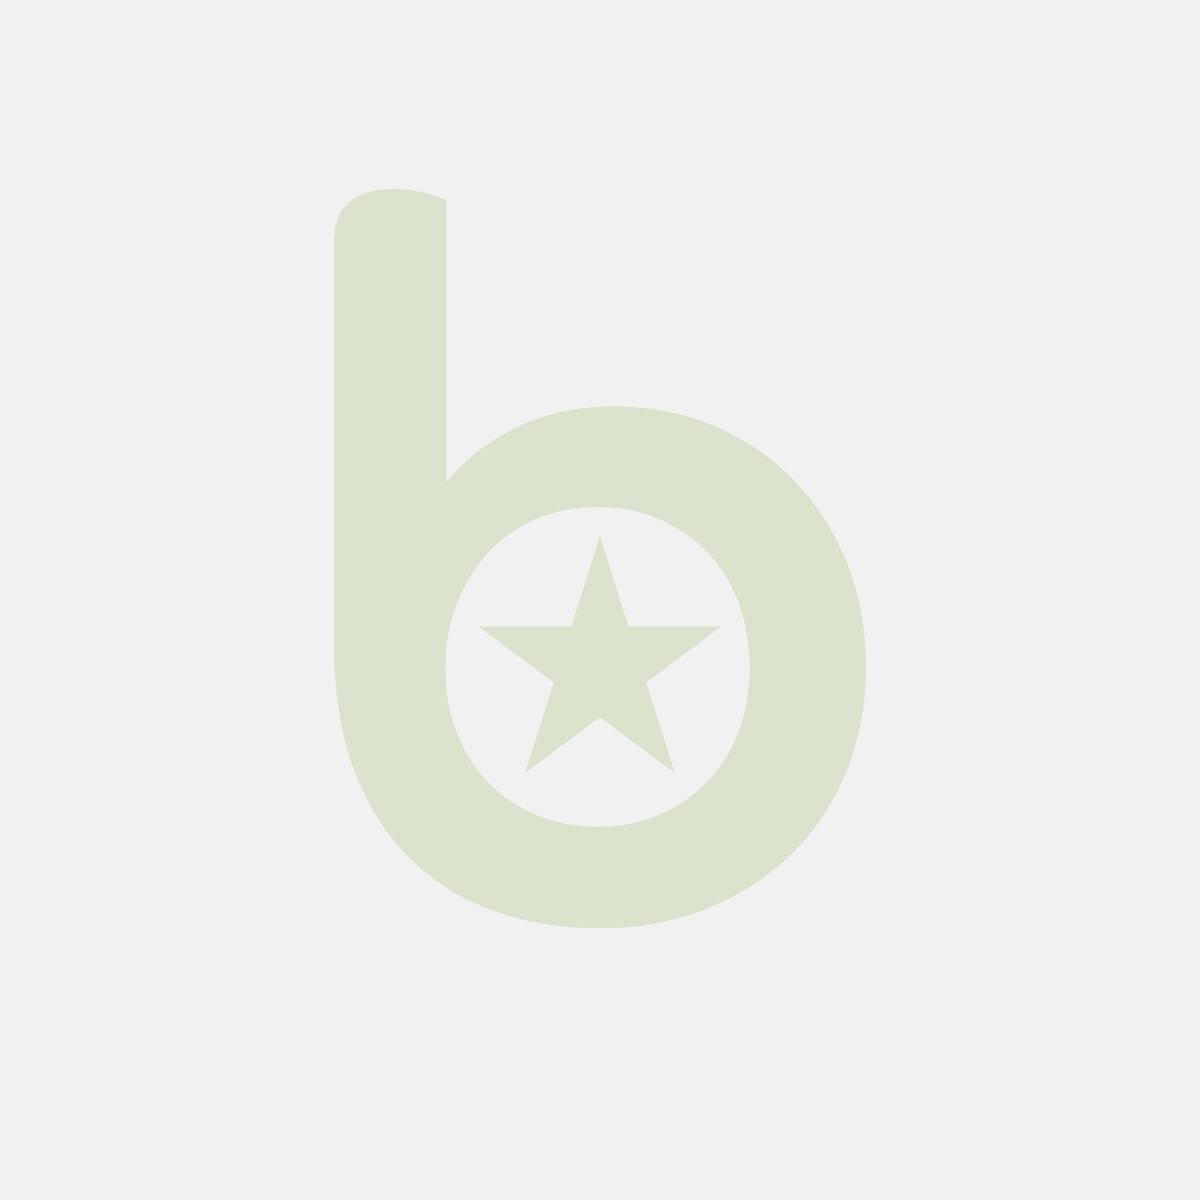 Kołonotatnik LIDERPAPEL Inspire, A4, w kratkę, 160 kart., 60gsm, perforacja